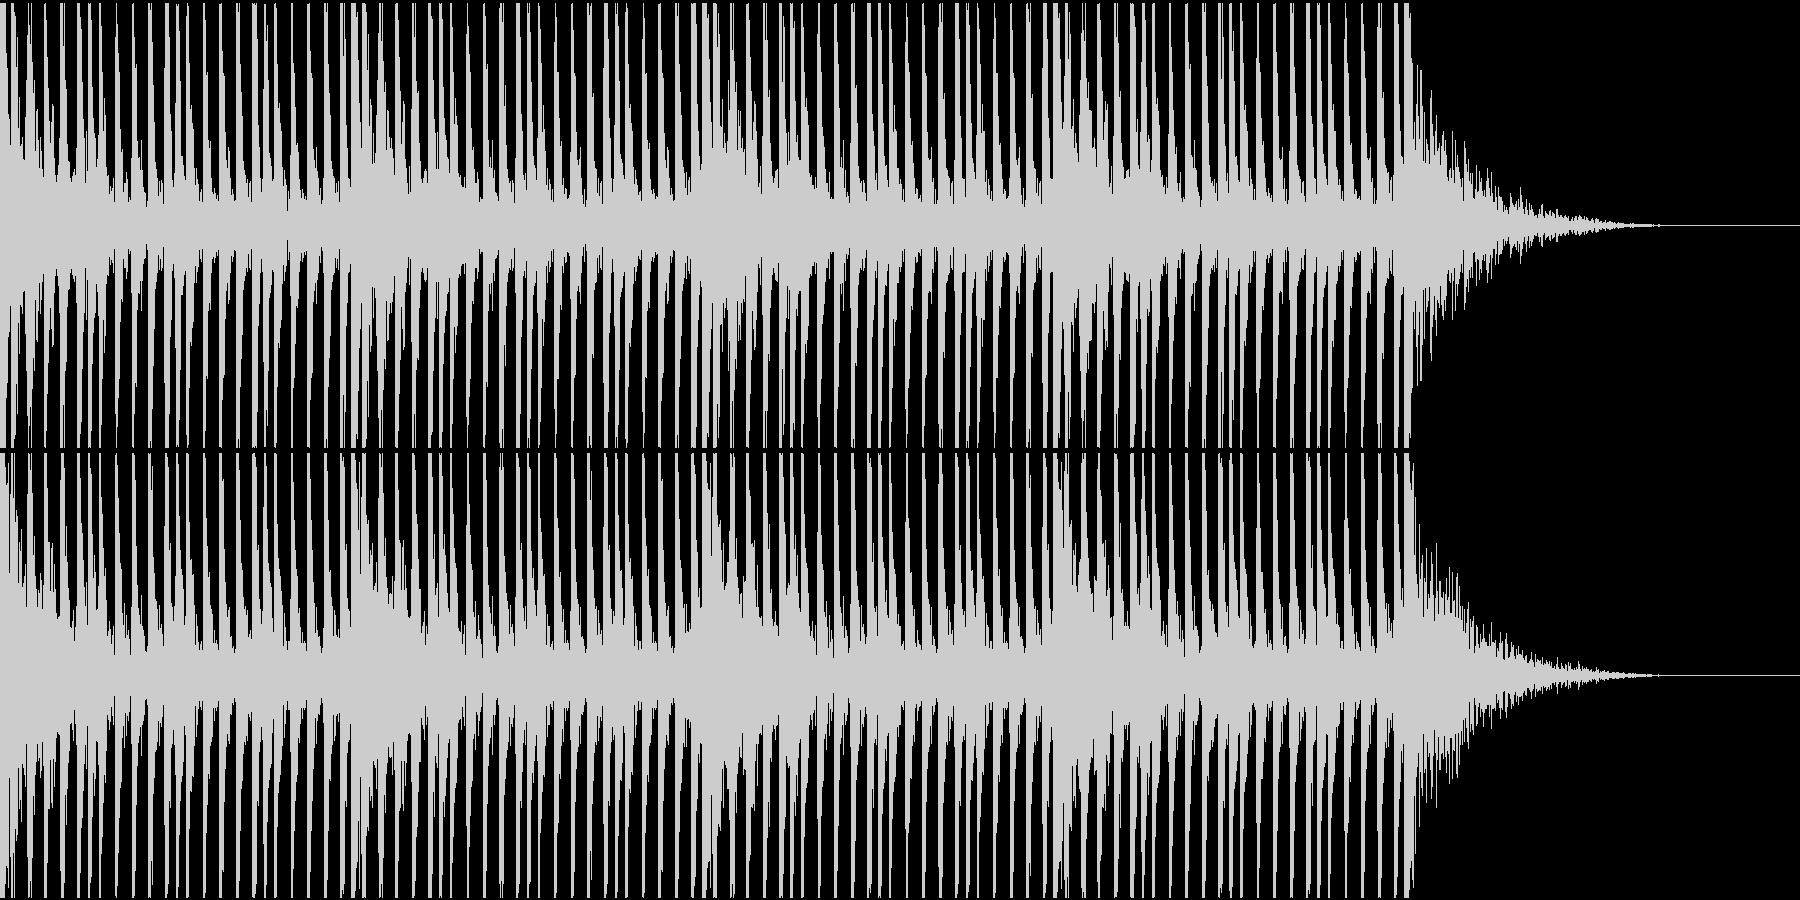 大作映画の予告編的な打楽器リズム1の未再生の波形